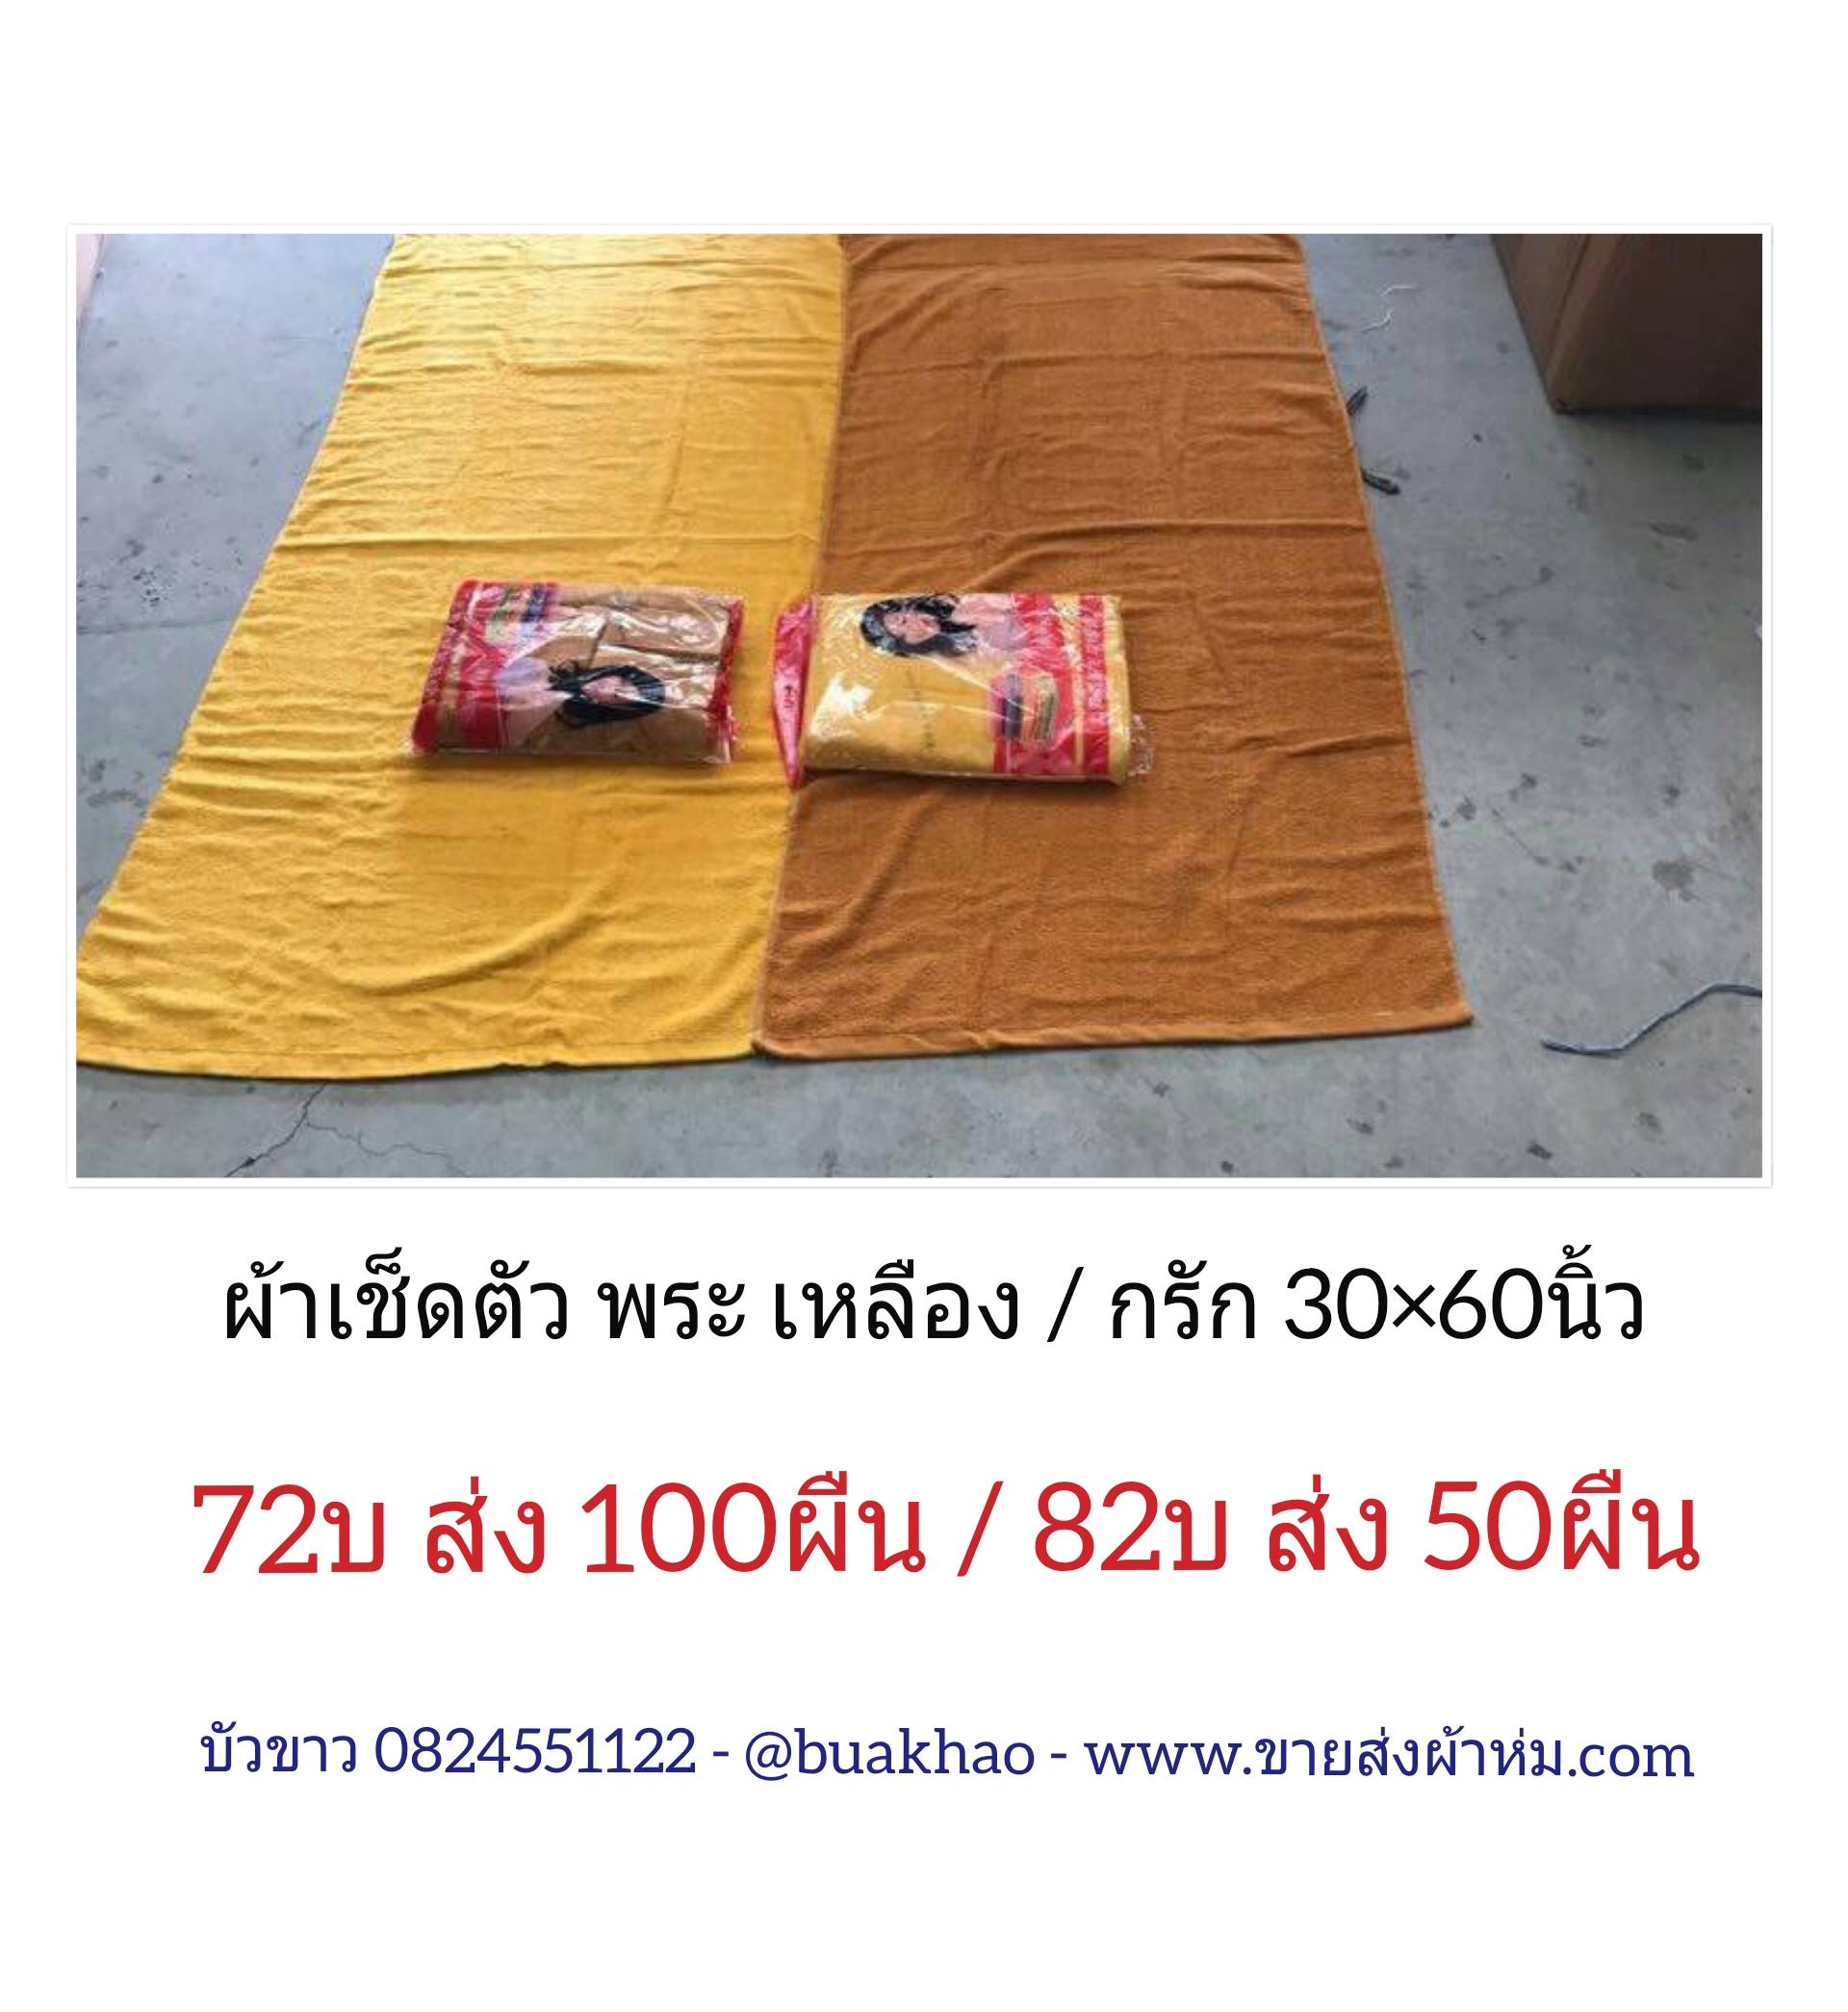 ผ้าขนหนู สีกรัก/สีเหลือง แพคถุง 30*60นิ้ว ผืนละ 72 บาท 100ผืน